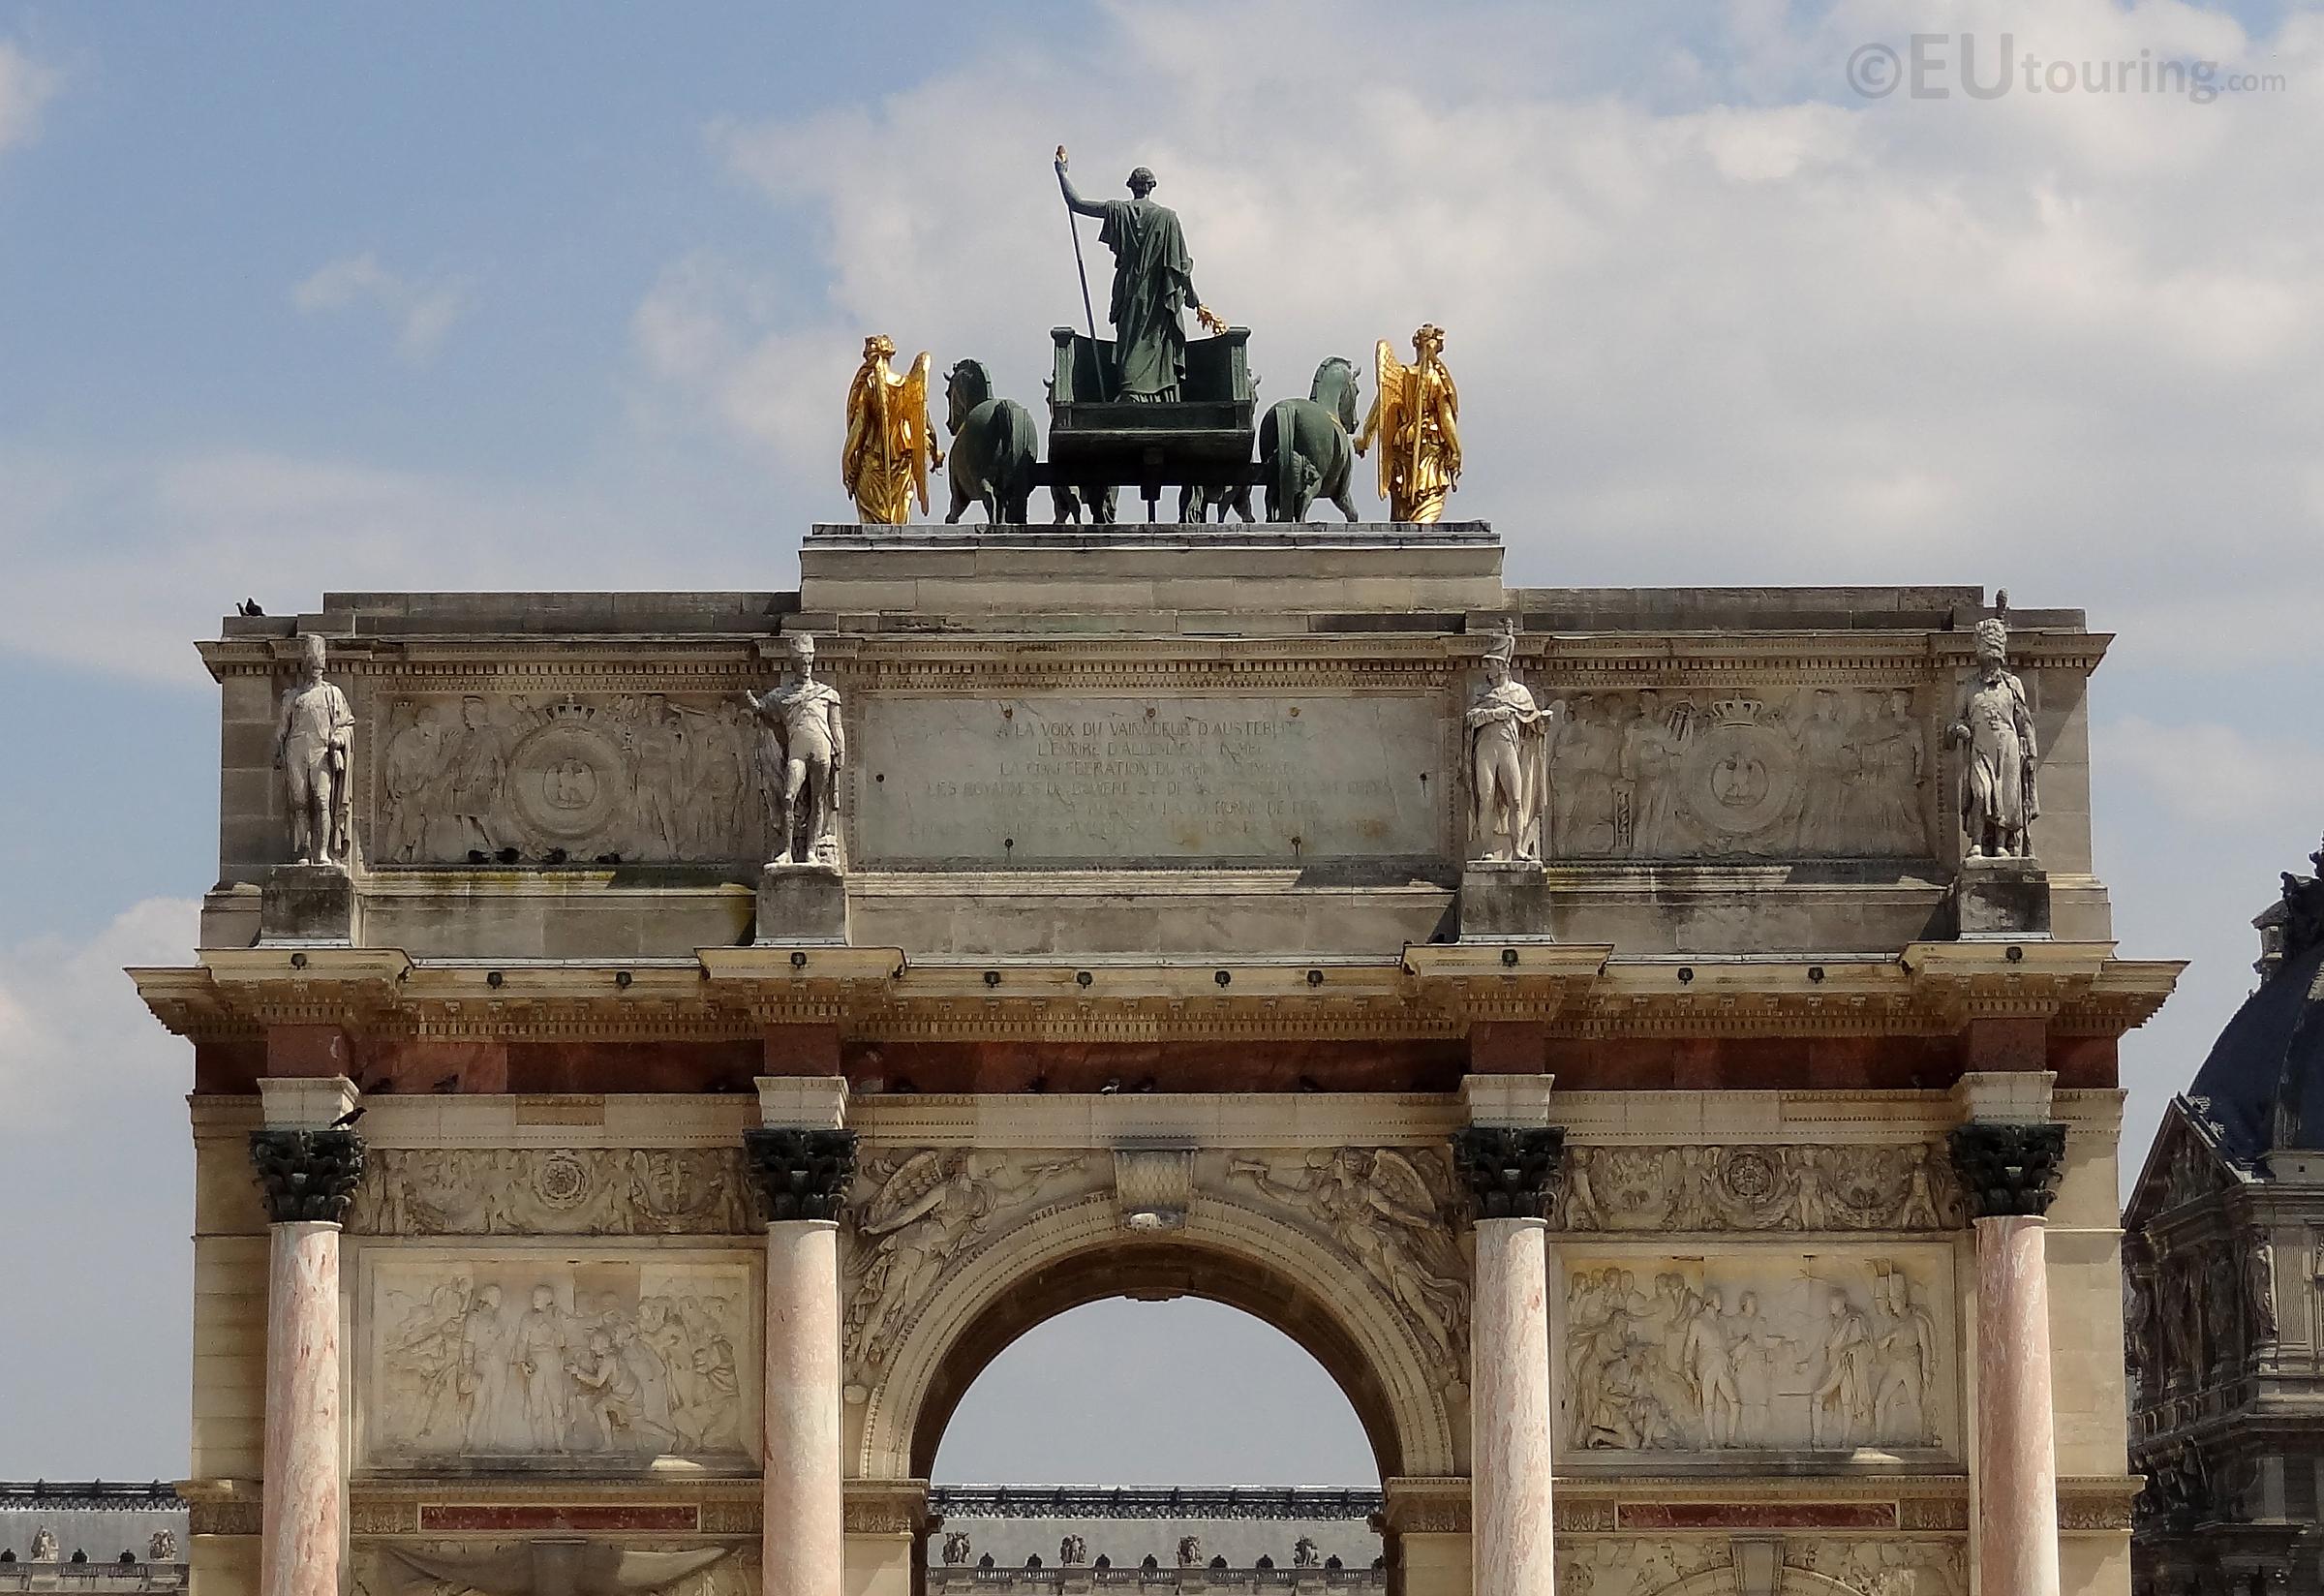 West side of the Arc de Triomphe du Carrousel